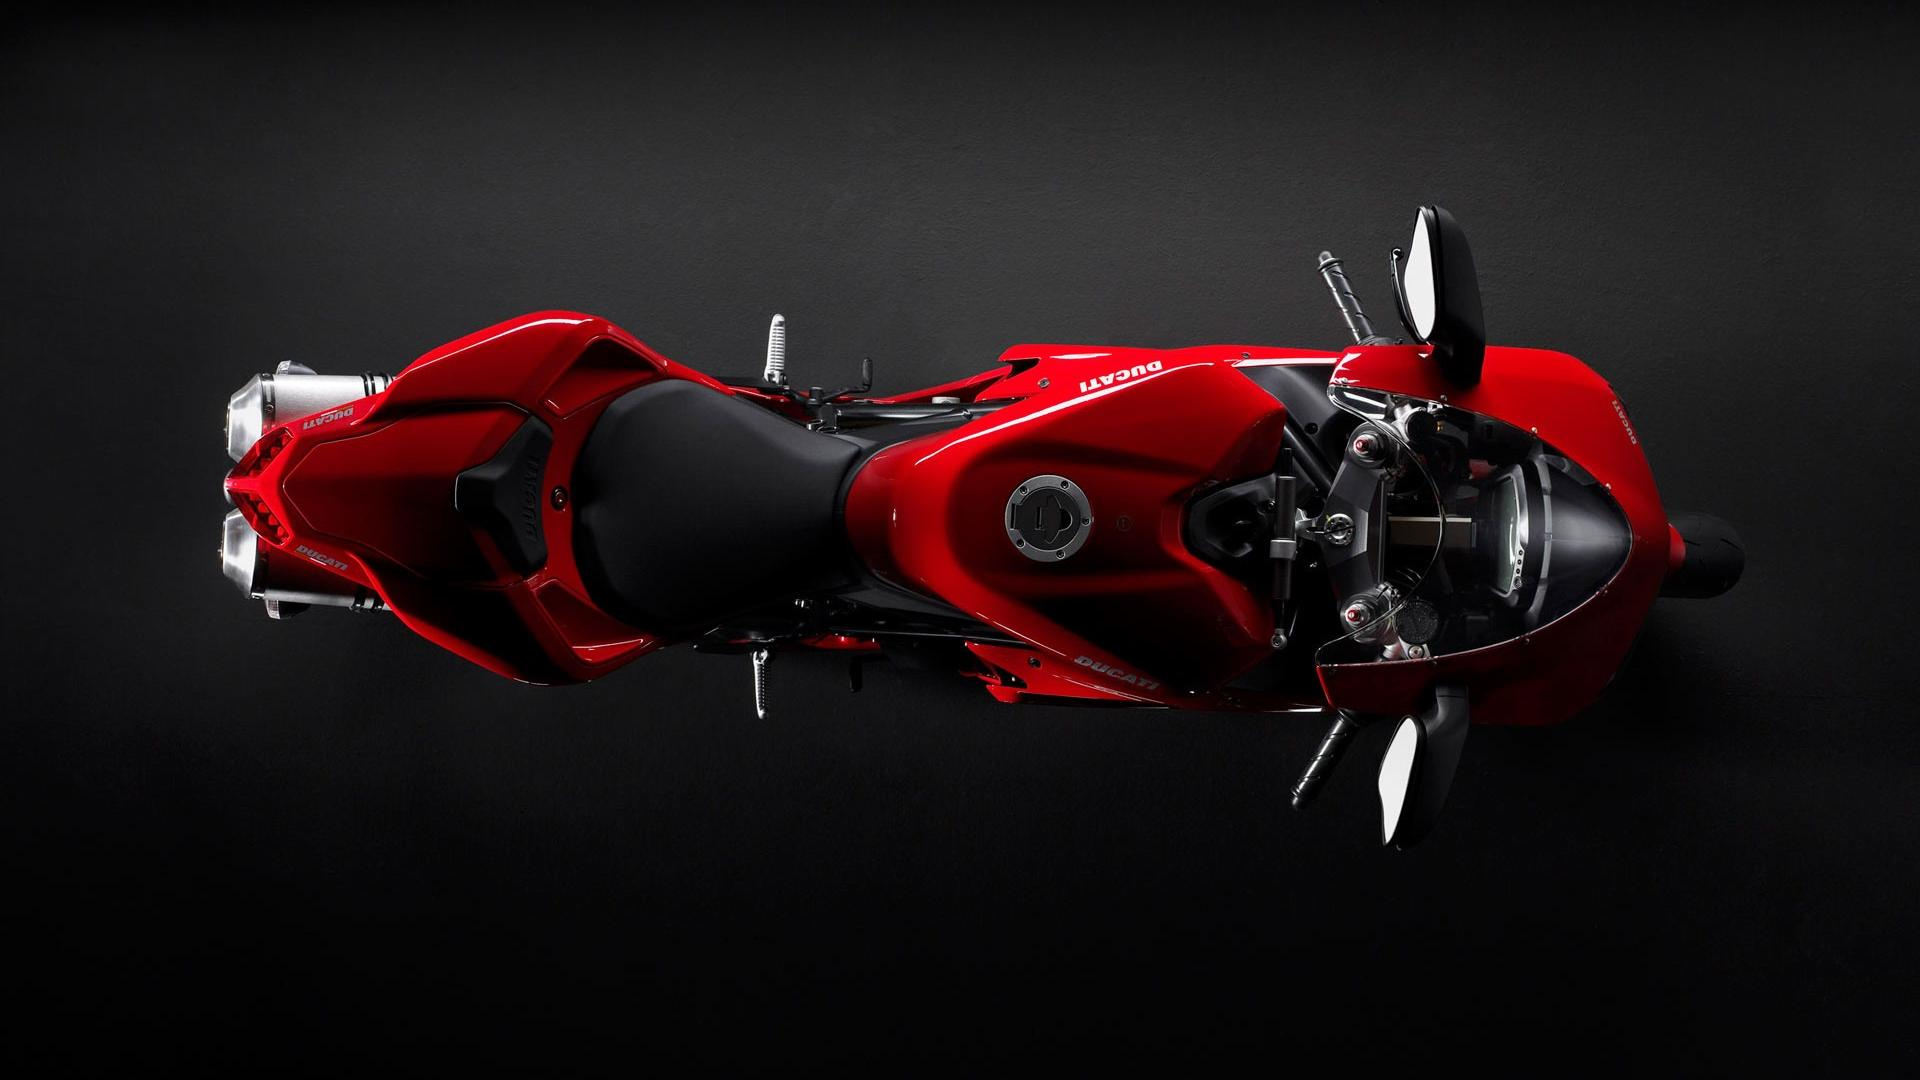 Ducati HD 1920x1080 1920x1080